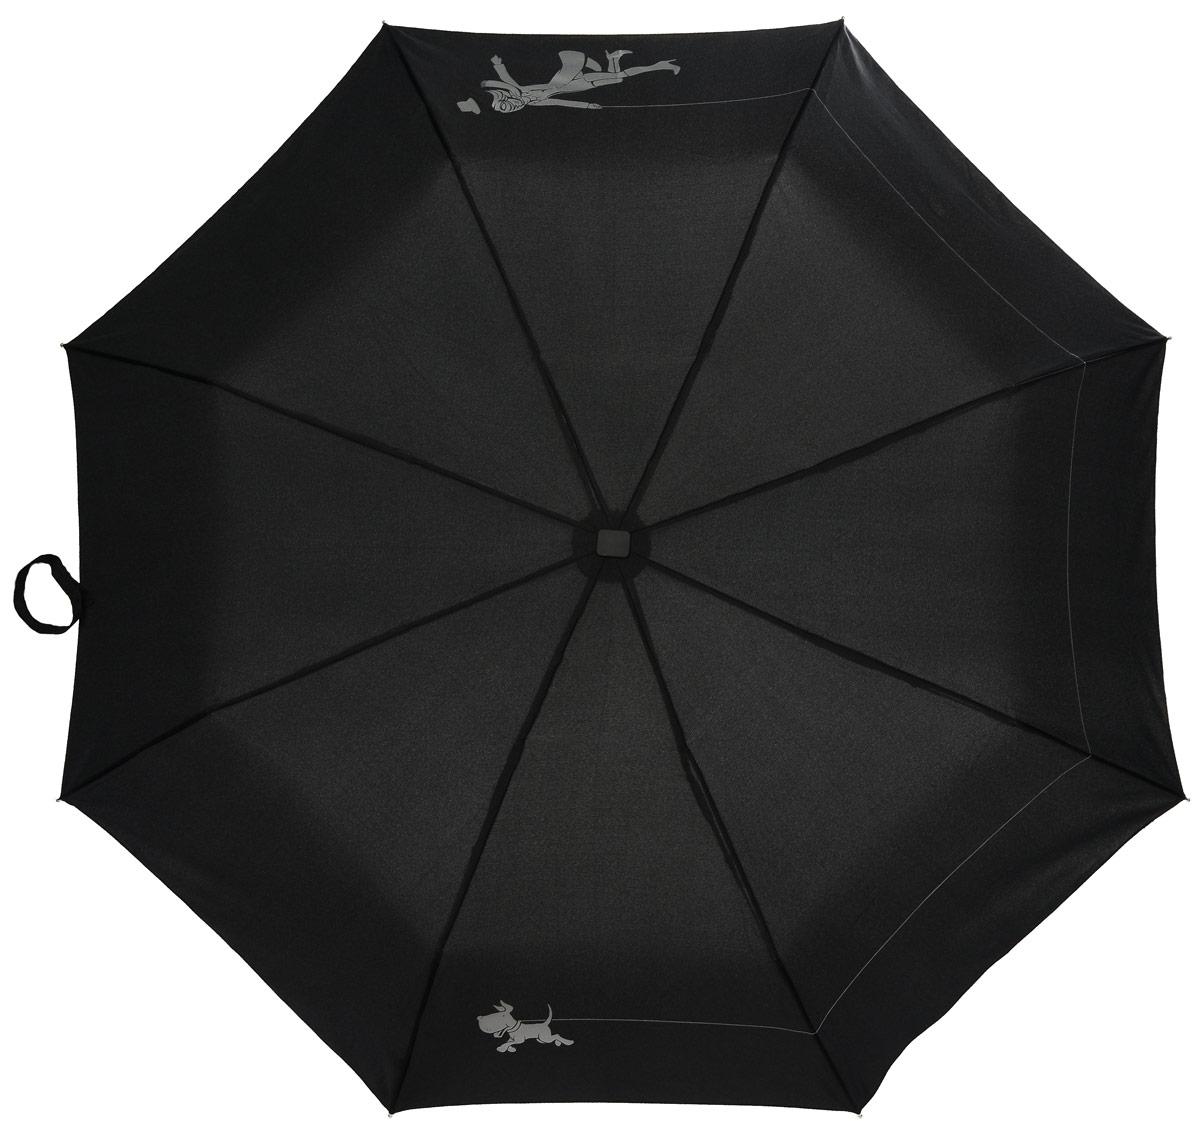 Зонт женский автомат Fulton, расцветка: девочка с собачкой. J738-2121 WalkingTheDogJ738-2121 WalkingTheDogПолный автомат Плоский ветростойкий алюминиевый каркас в 3 сложения 8 спиц длина спиц - 53 см материал купола - полиэстер длина сложенного зонта - 28 см размер 97 см